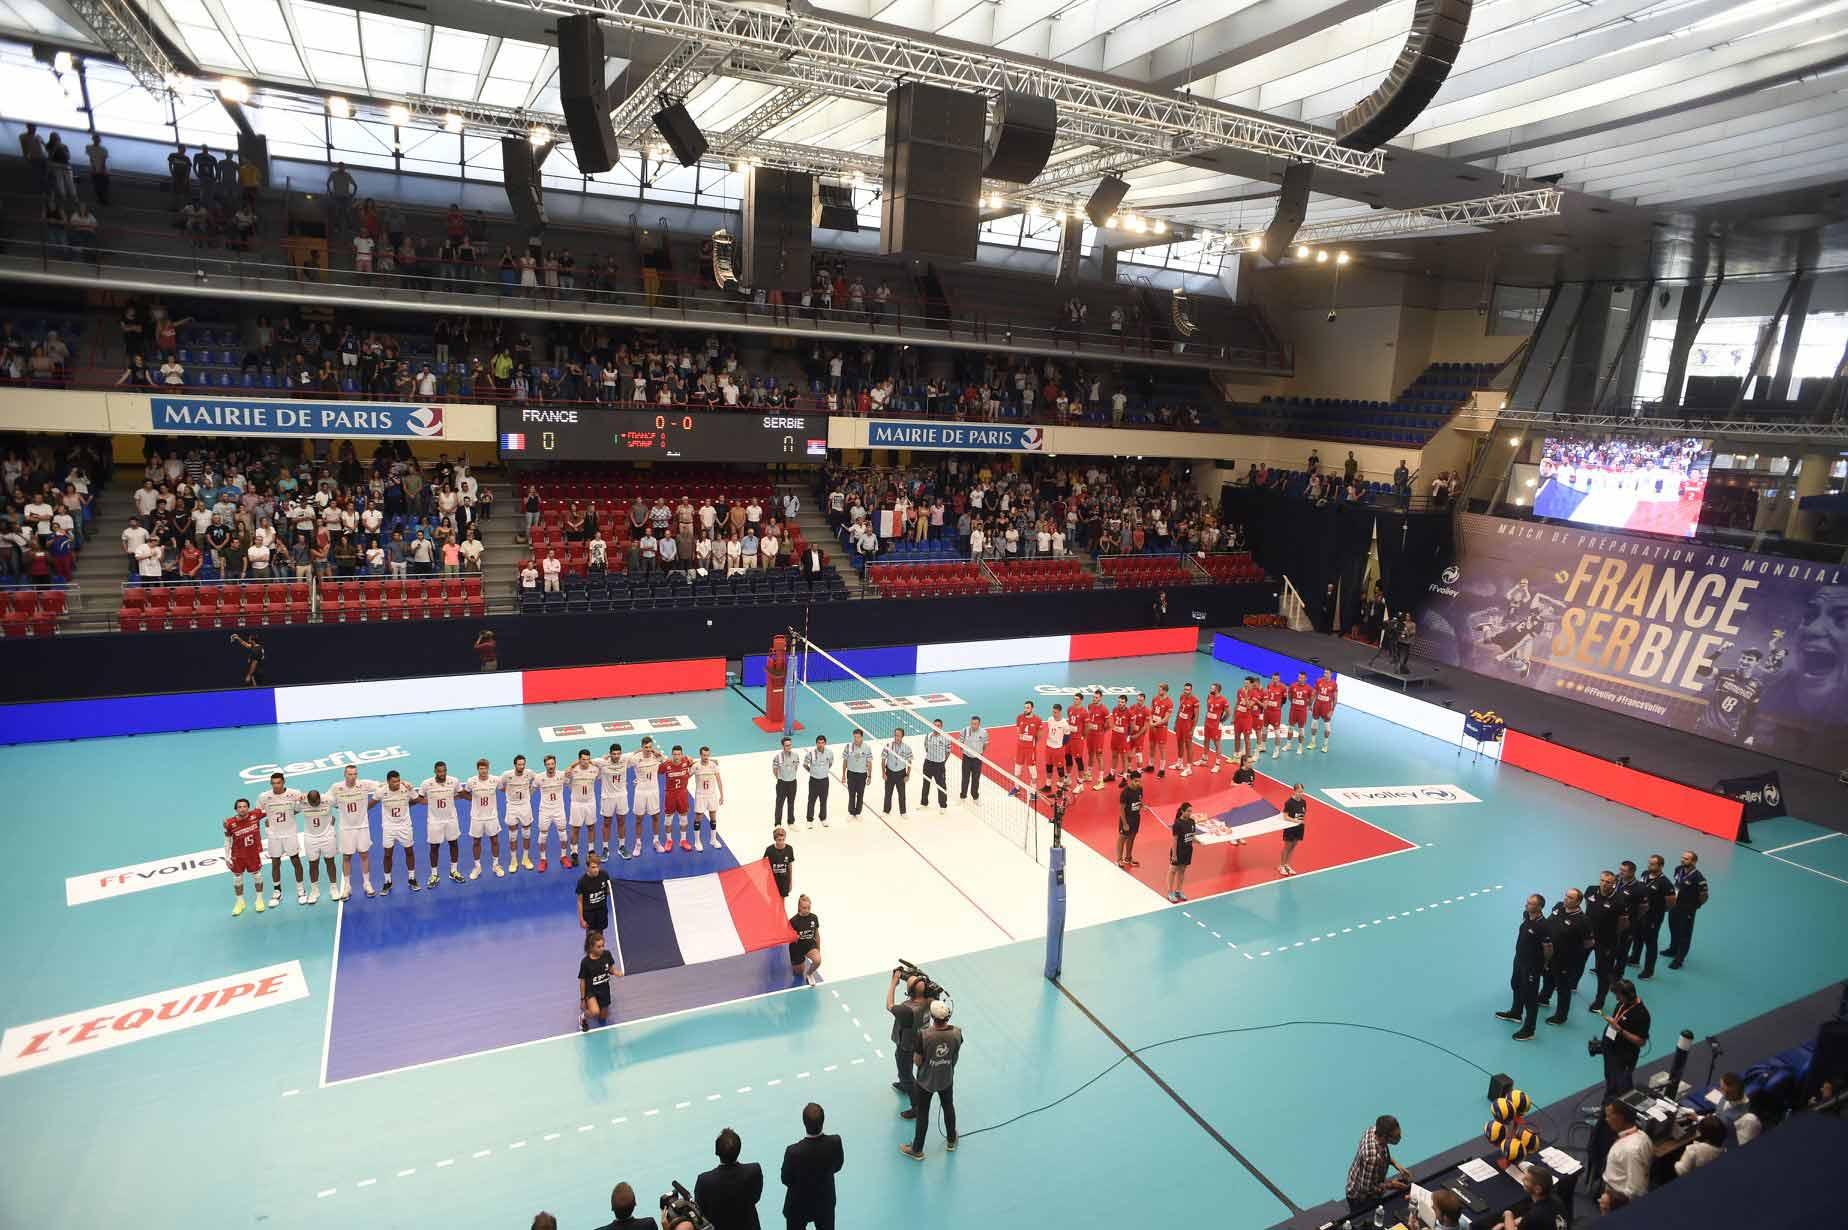 Yoan, ambianceur officiel de la Fédération Française de Volley